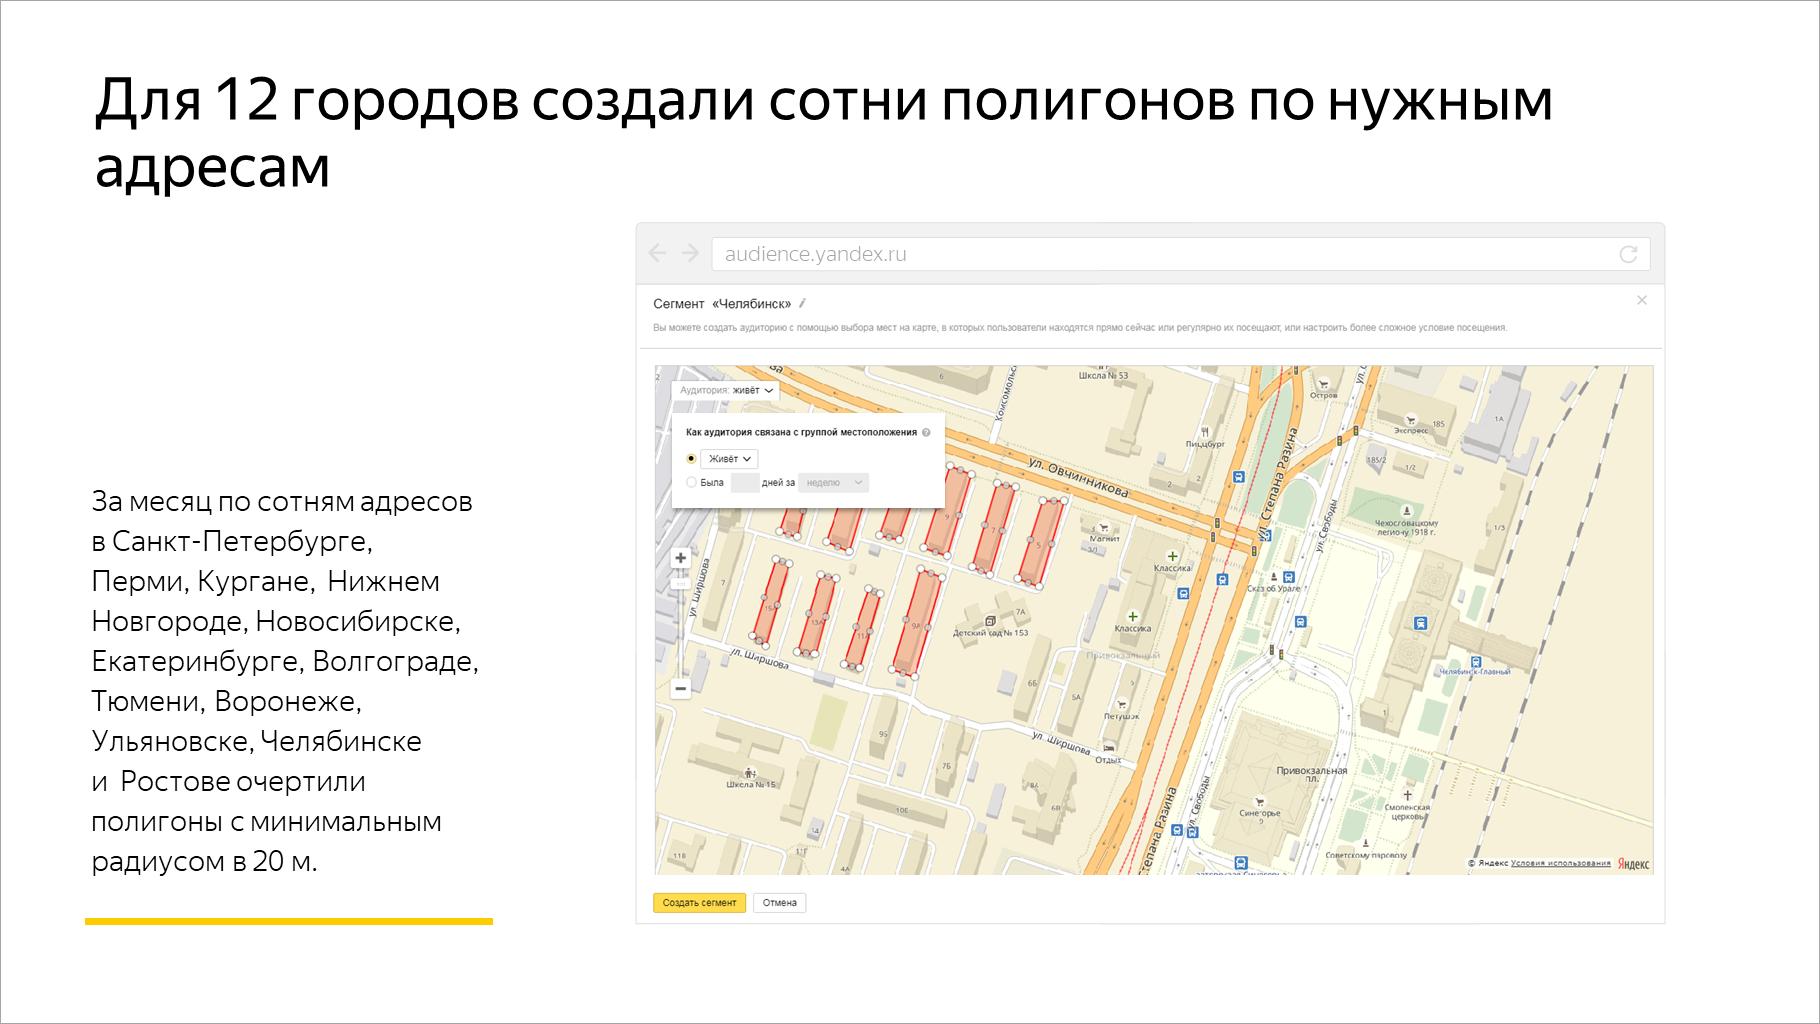 Для 12 городов создали сотни полигонов по нужным адресам